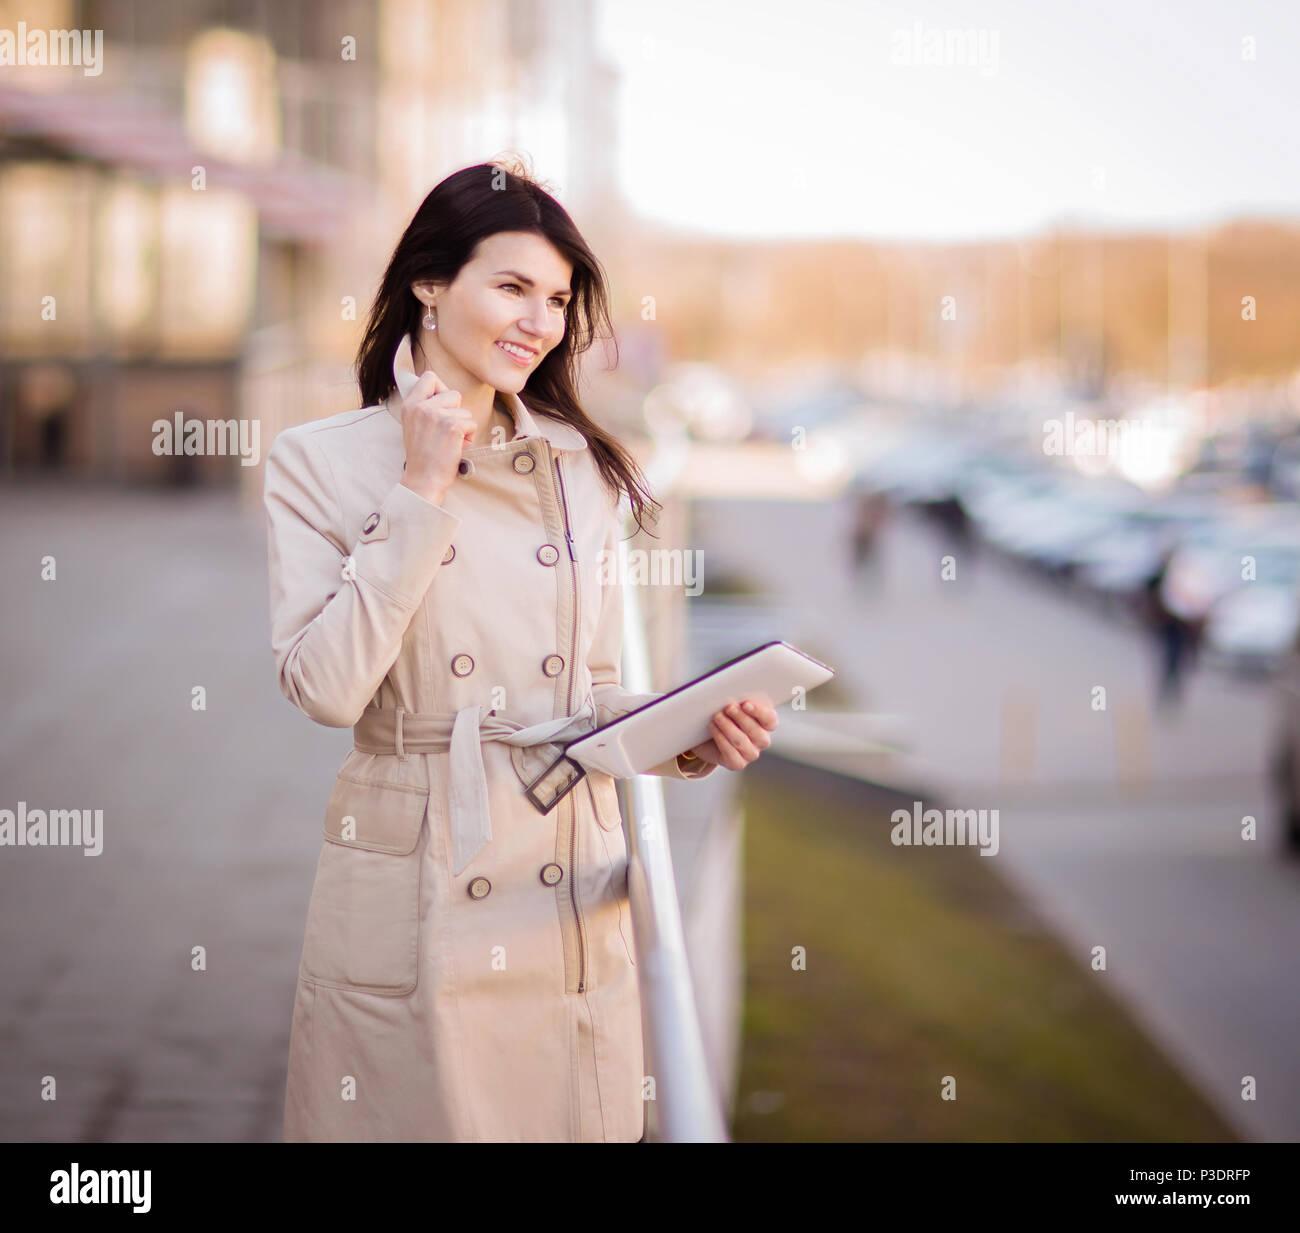 Die moderne Geschäftsfrau, die auf einem digitalen Tablet, neben einem Bürogebäude Stockfoto